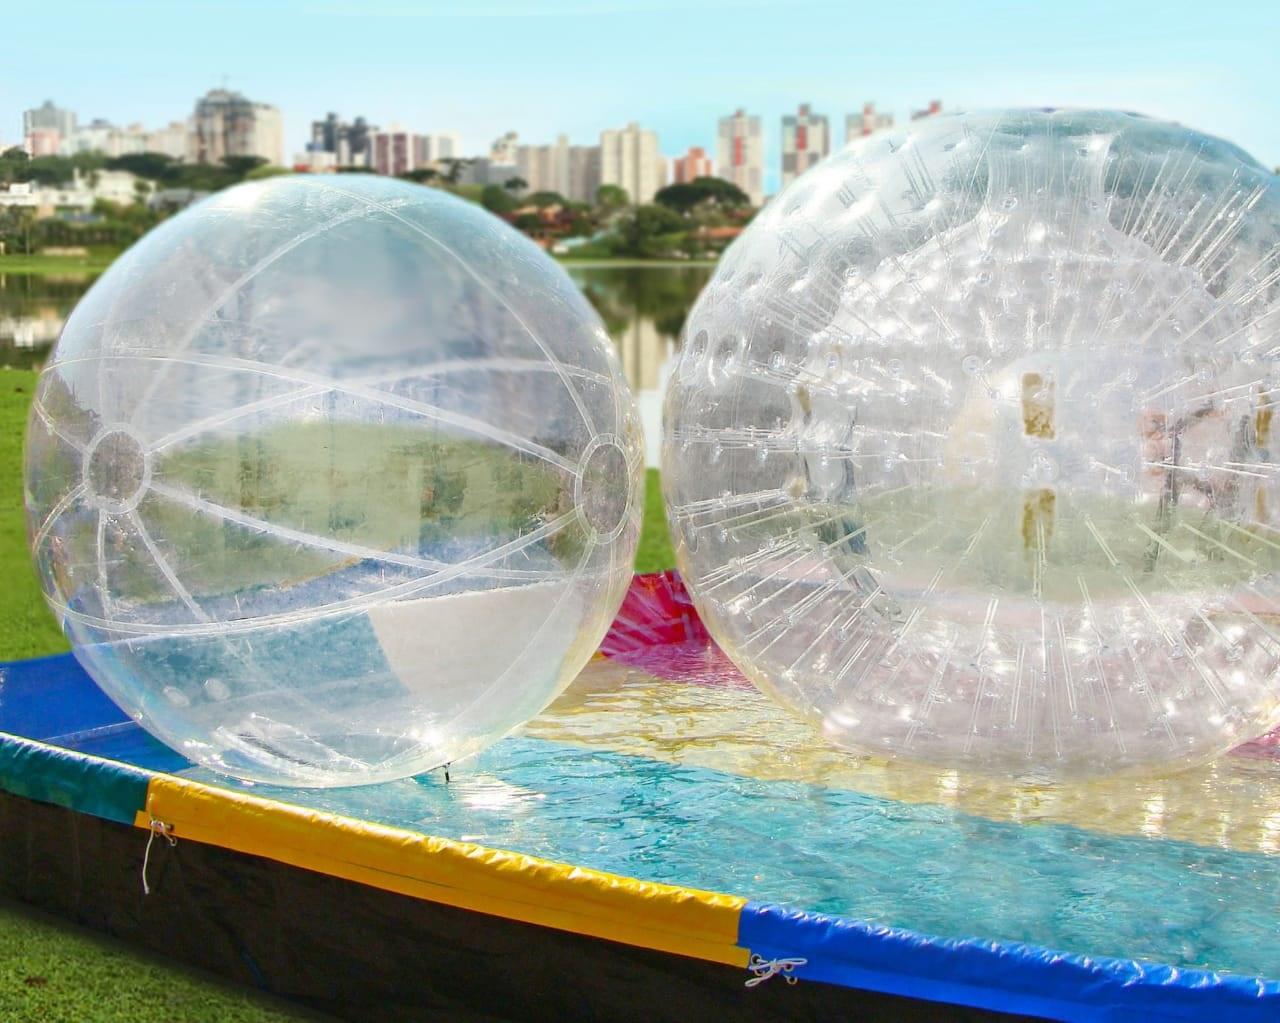 Brincando com Água invade os parques de Curitiba